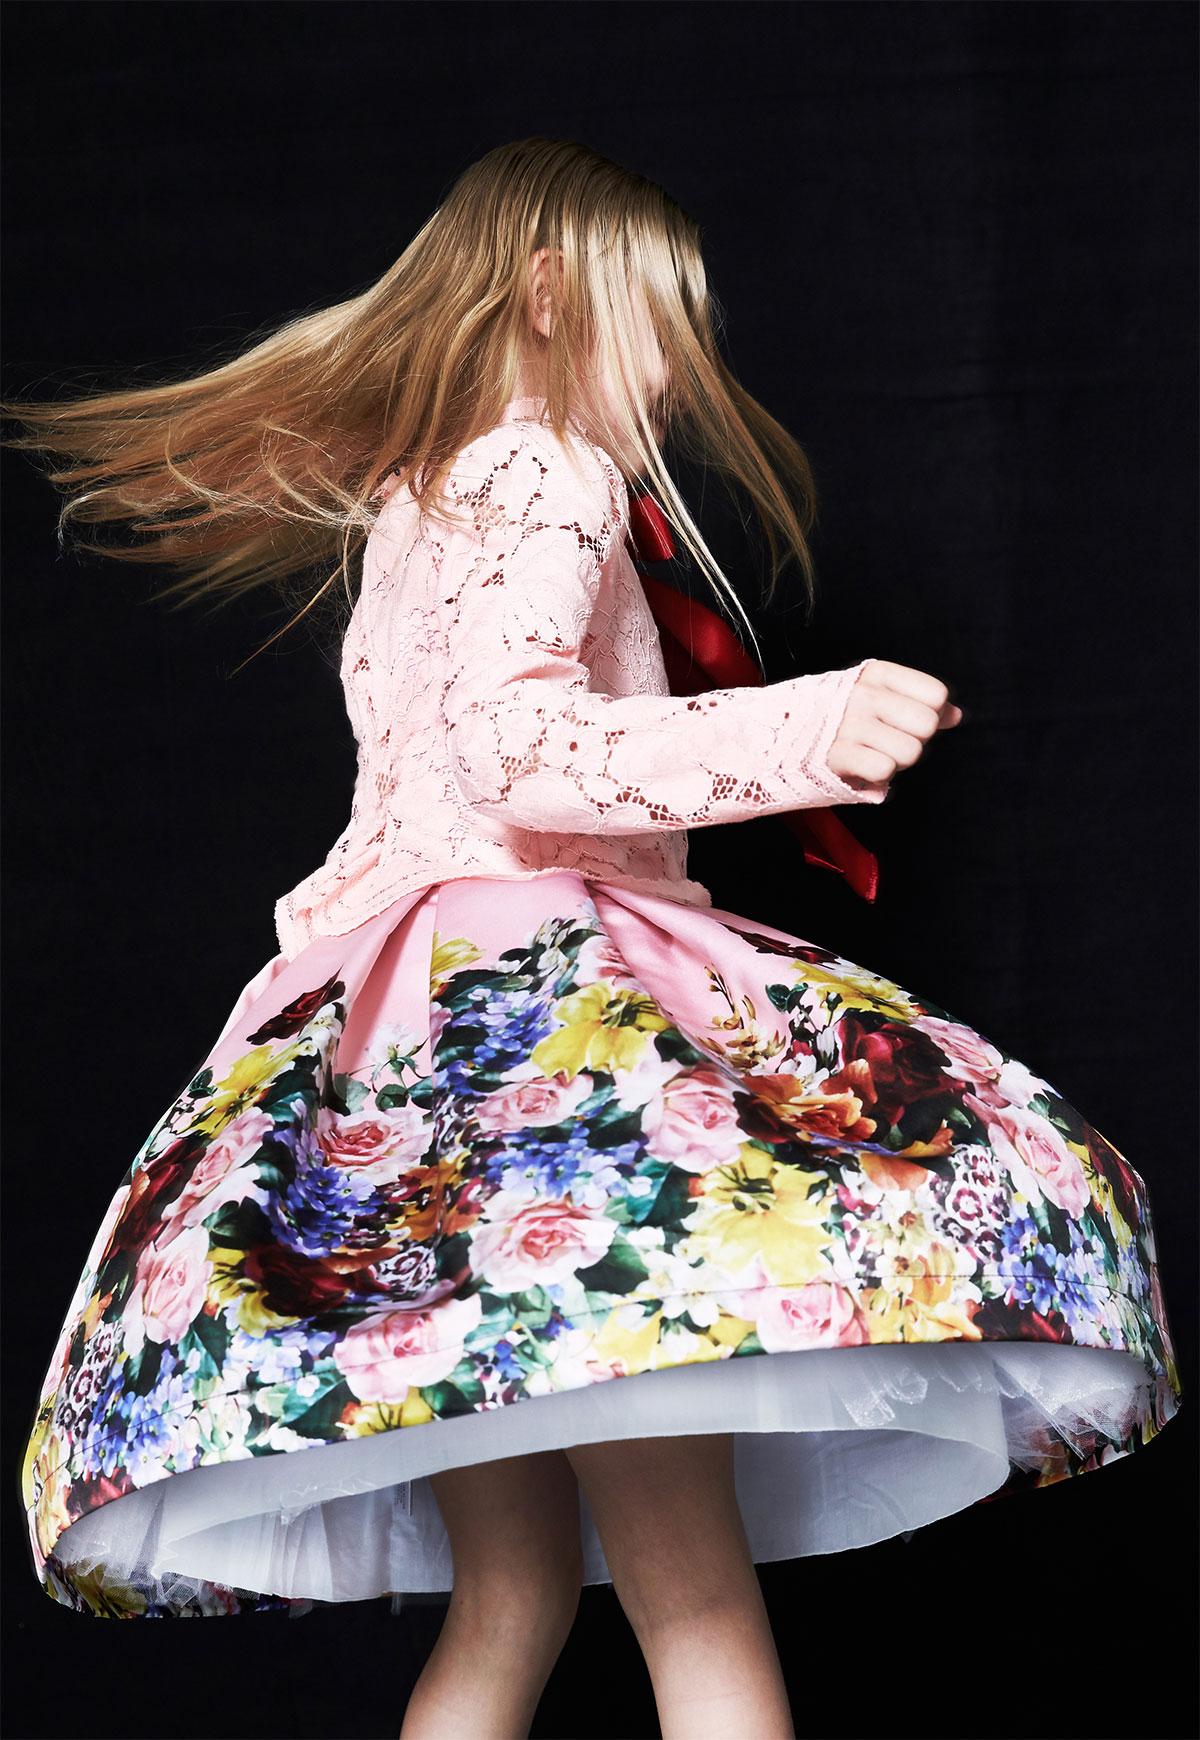 flower dress in motion